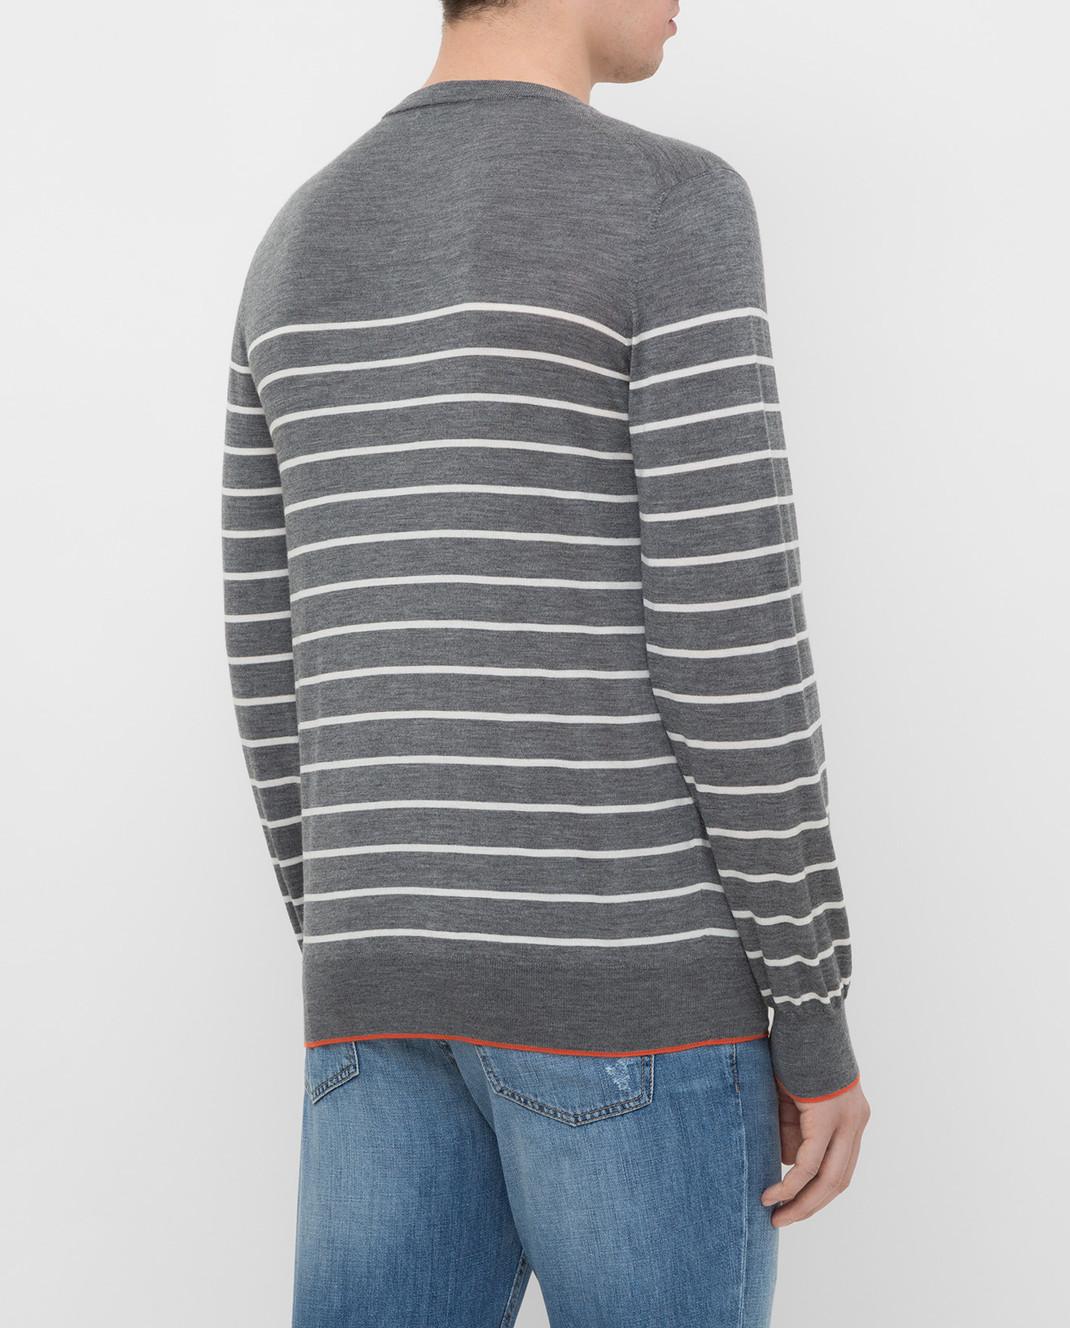 Brunello Cucinelli Серый джемпер из шерсти и кашемира M24802100 изображение 4